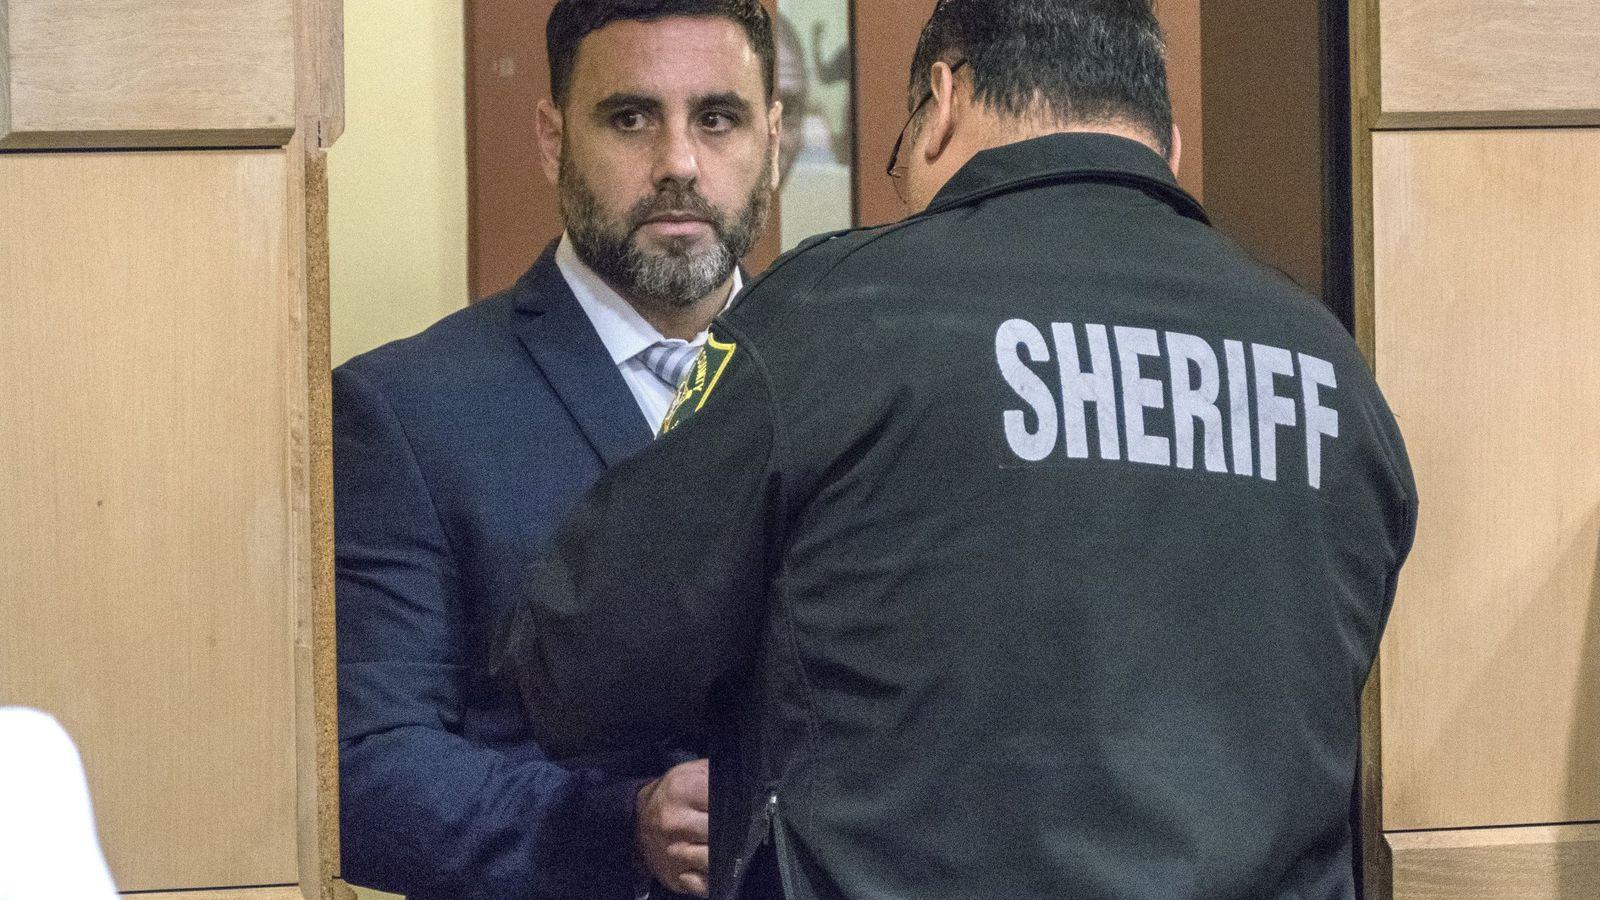 Foto: Un agente de la Oficina del Alguacil del Condado de Broward quita las esposas al hispano-estadounidense Pablo Ibar (Reuters)